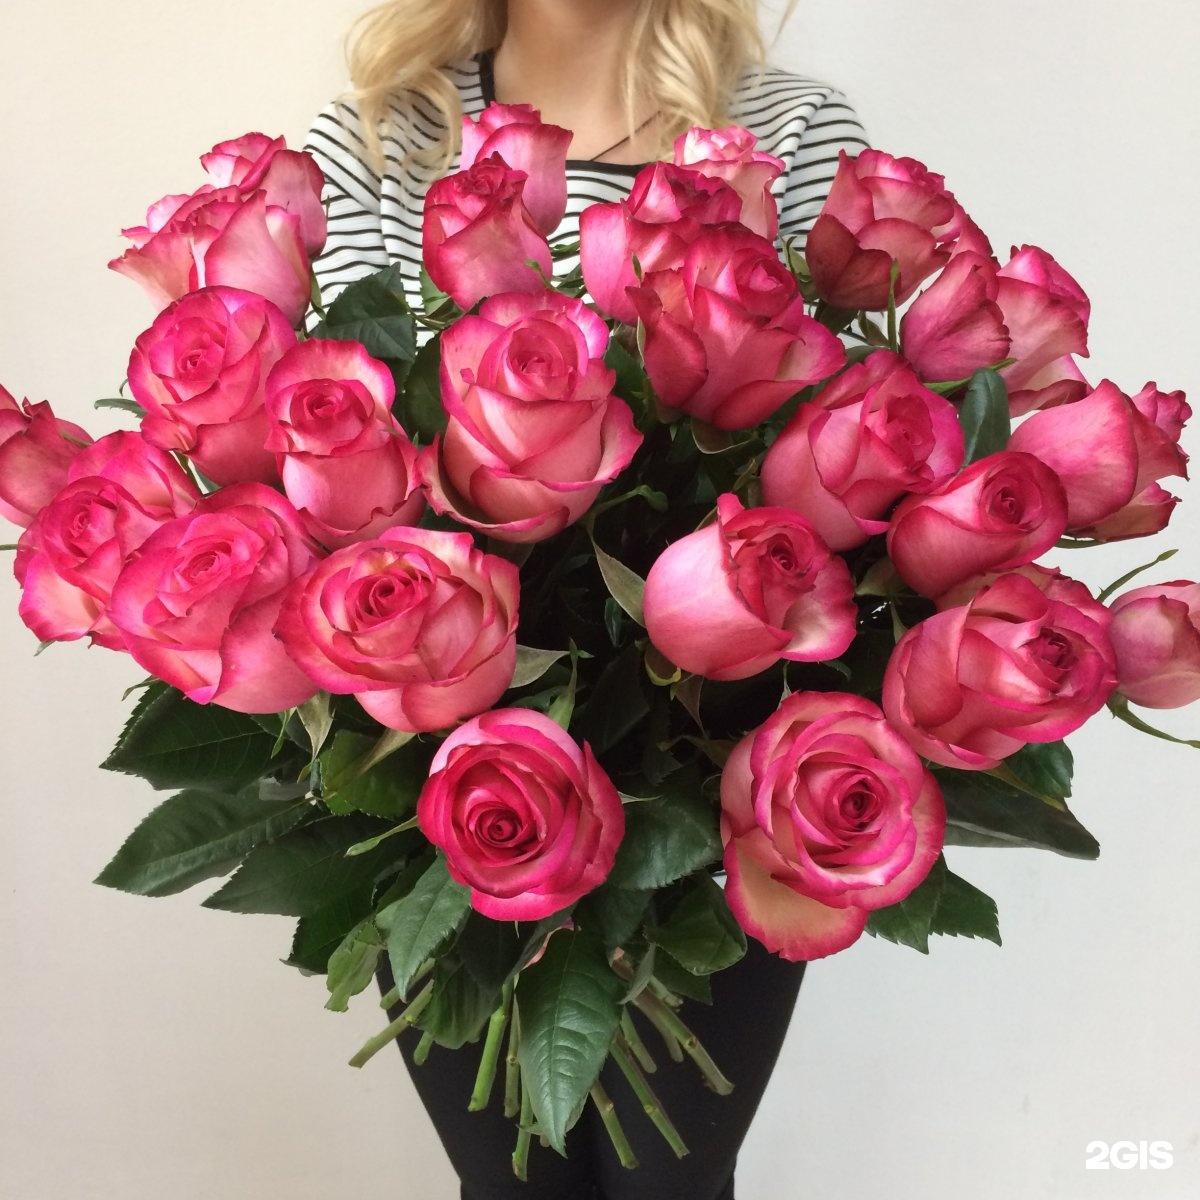 Купить цветы на чернышевской, цветы марьиной роще